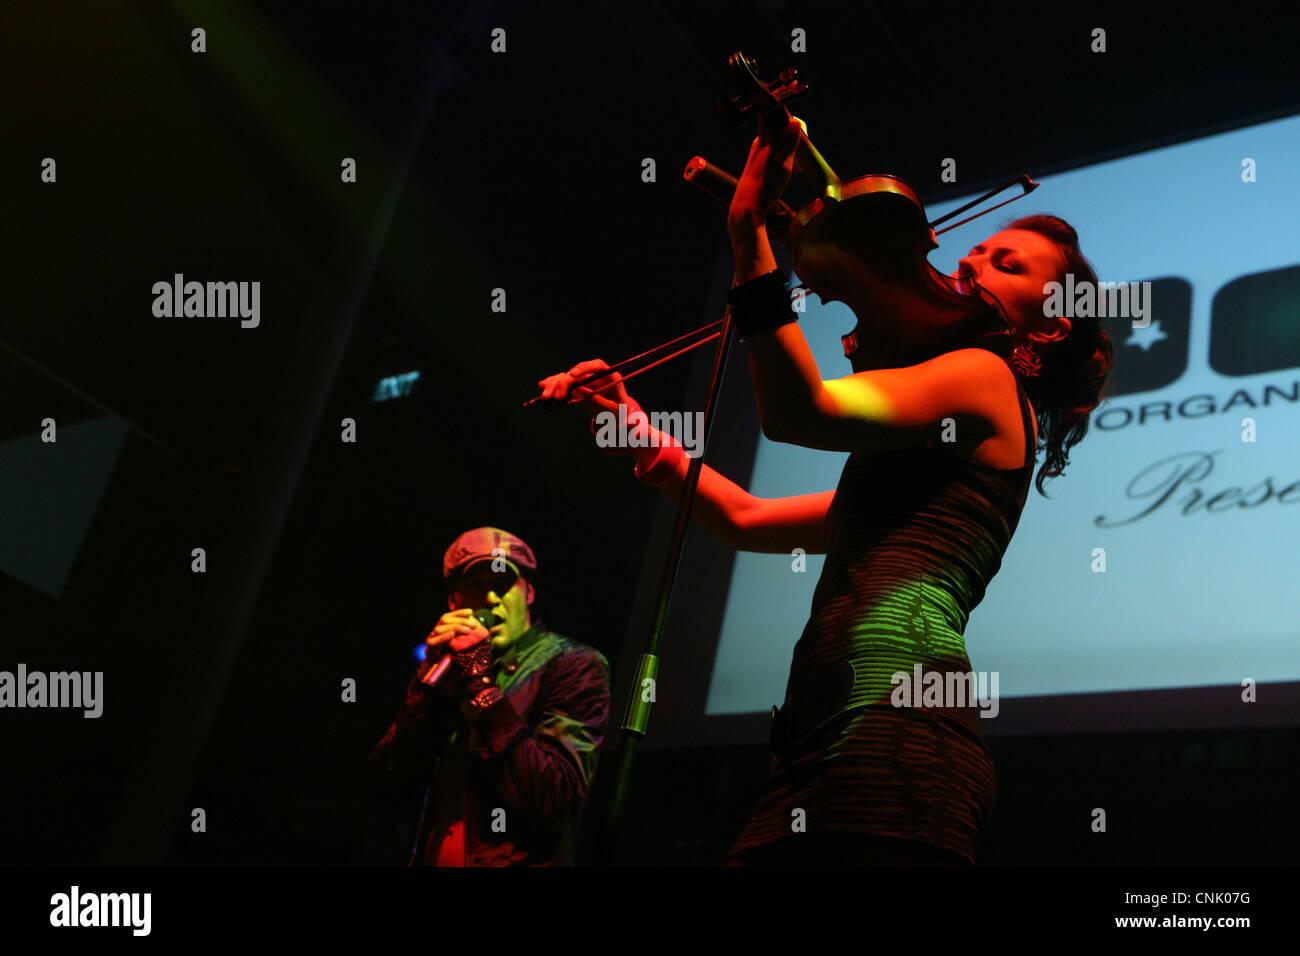 Concert of Czech pop singer Samer Issa in Sasazu Club in Prague, Czech Republic. Stock Photo